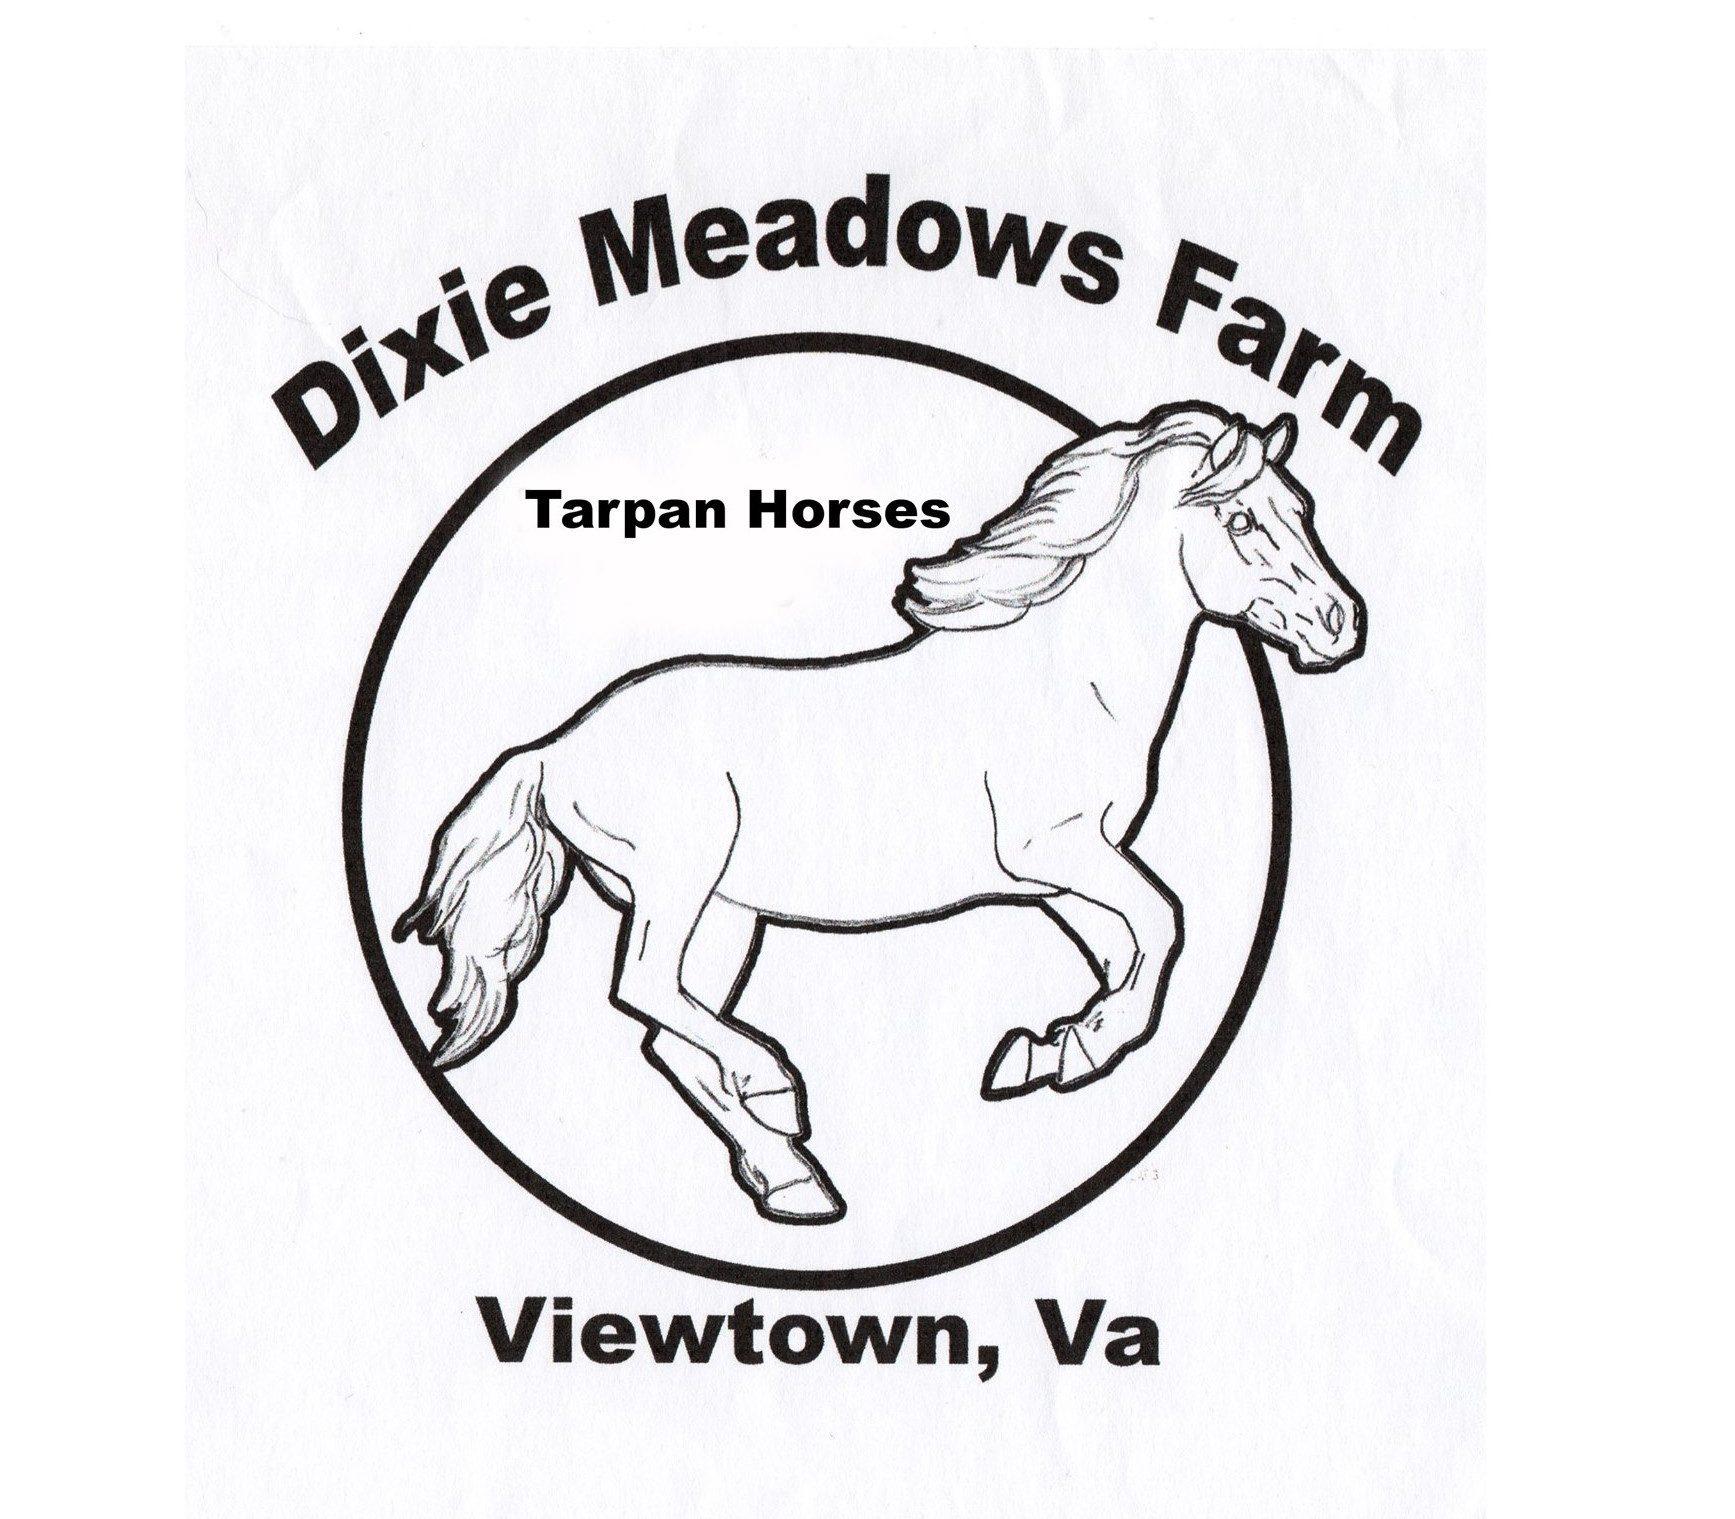 Dixie Meadows Tarpan Horses